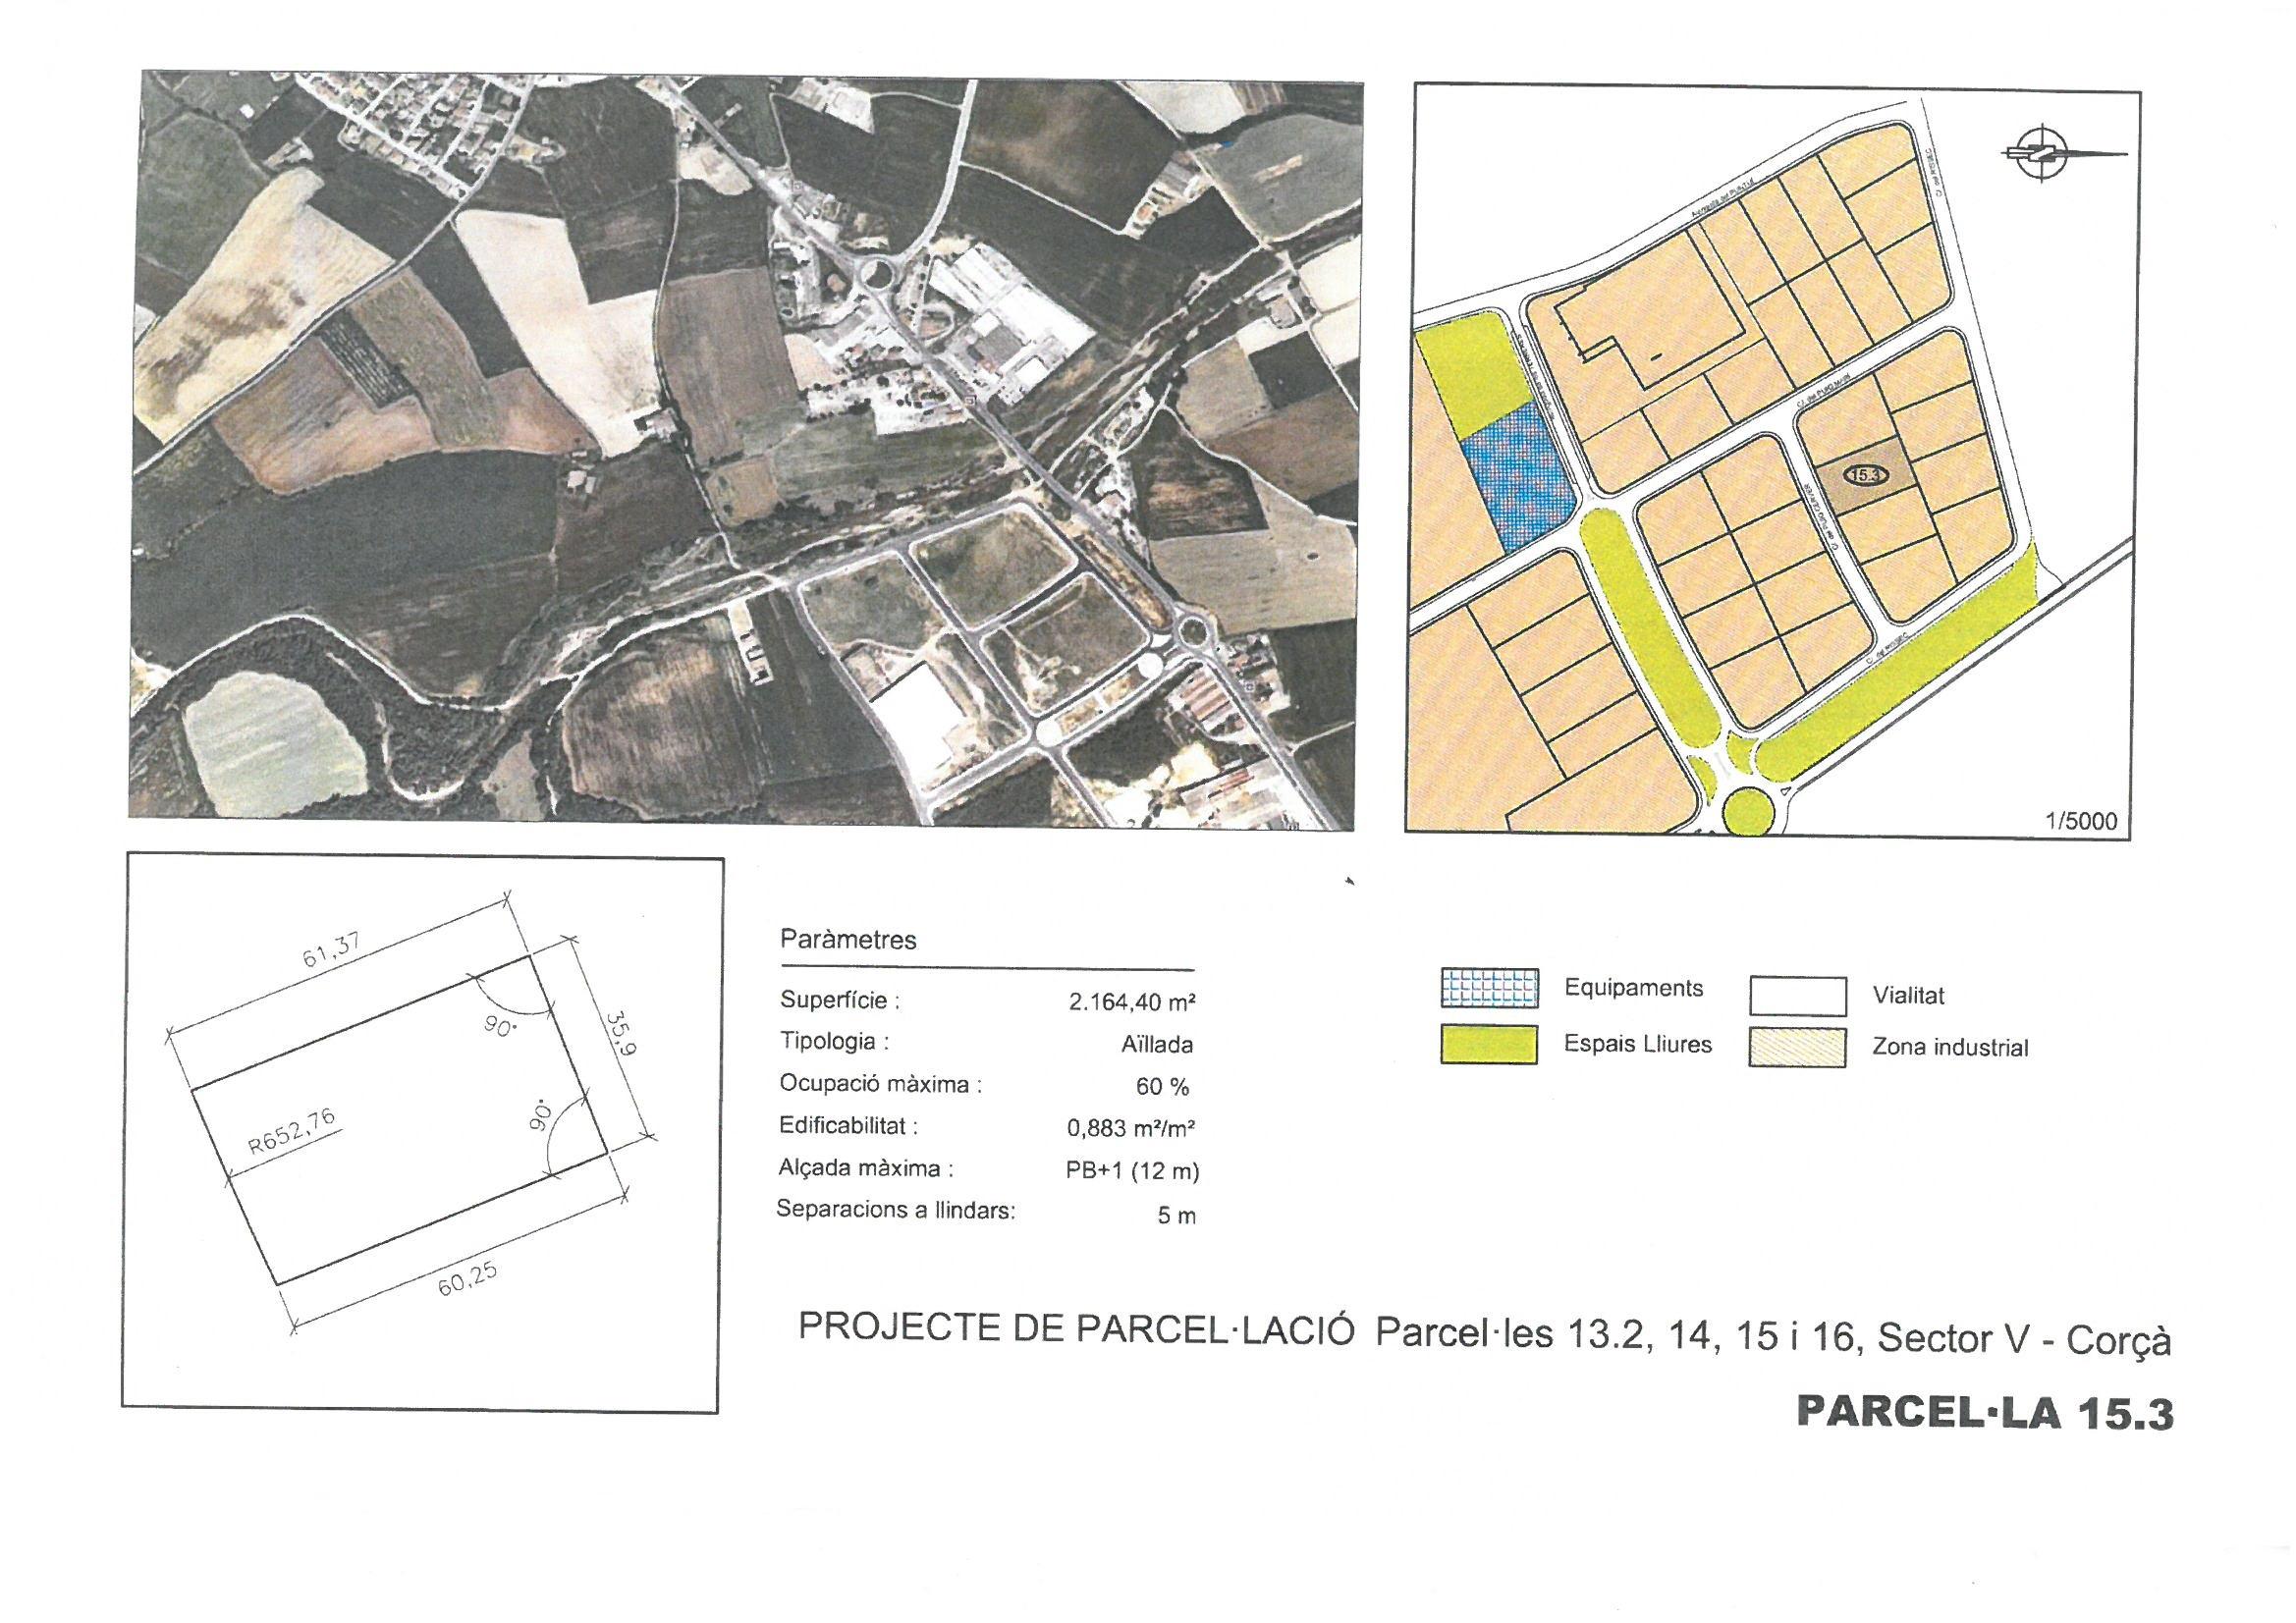 Terme municipal de Corcà, parcel•la 15.3